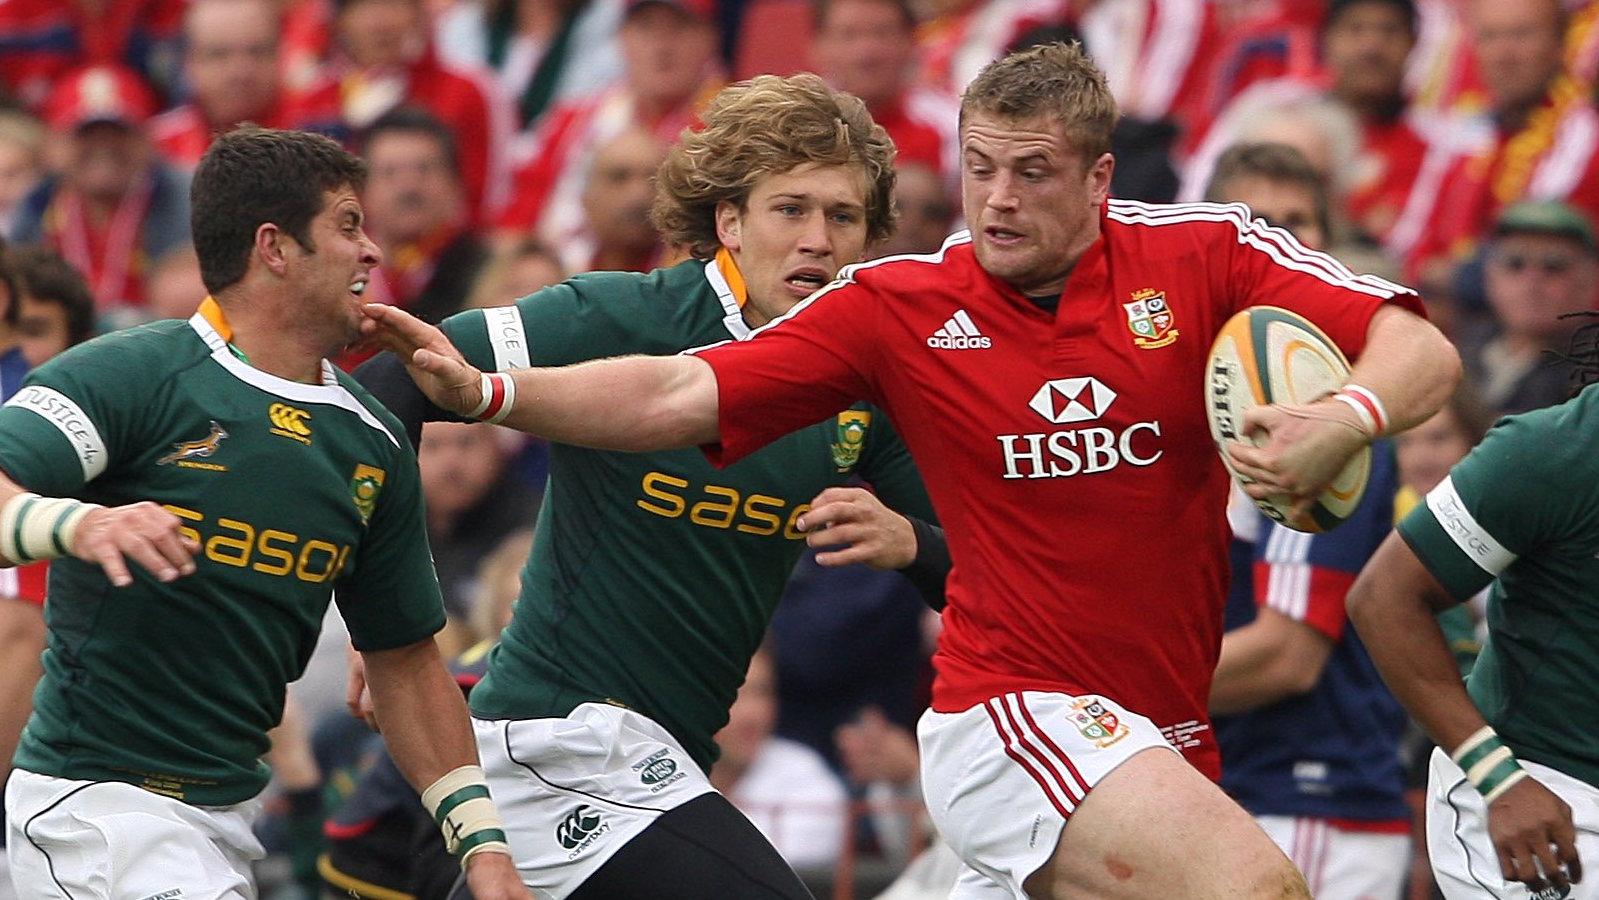 Five-time Test Lions Heaslip announces decision to retire